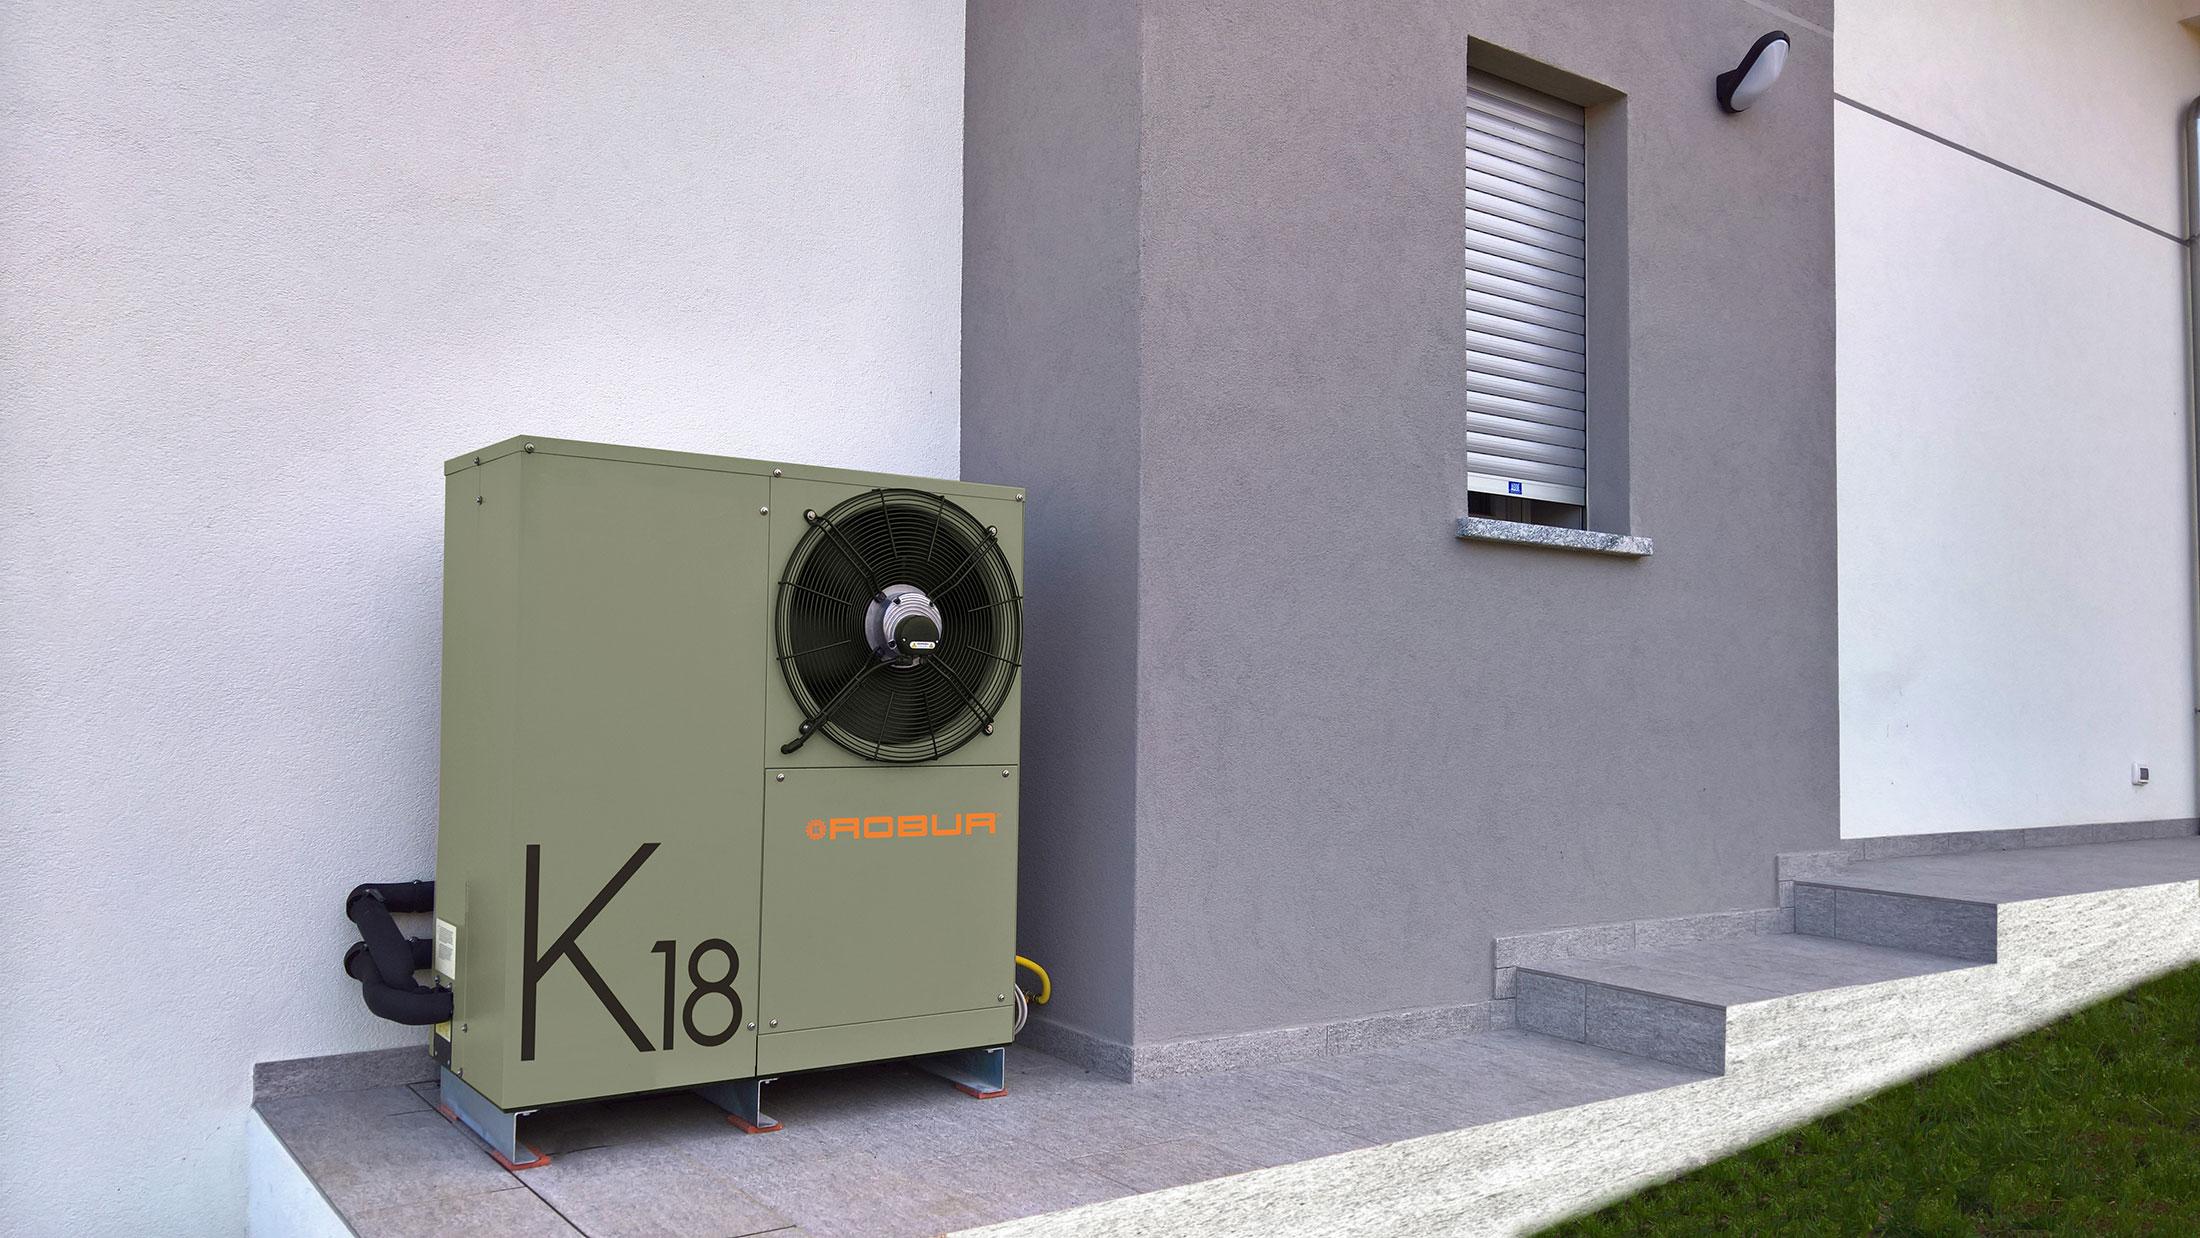 Salto di 2 classi con le pompe di calore a gas: casi concreti